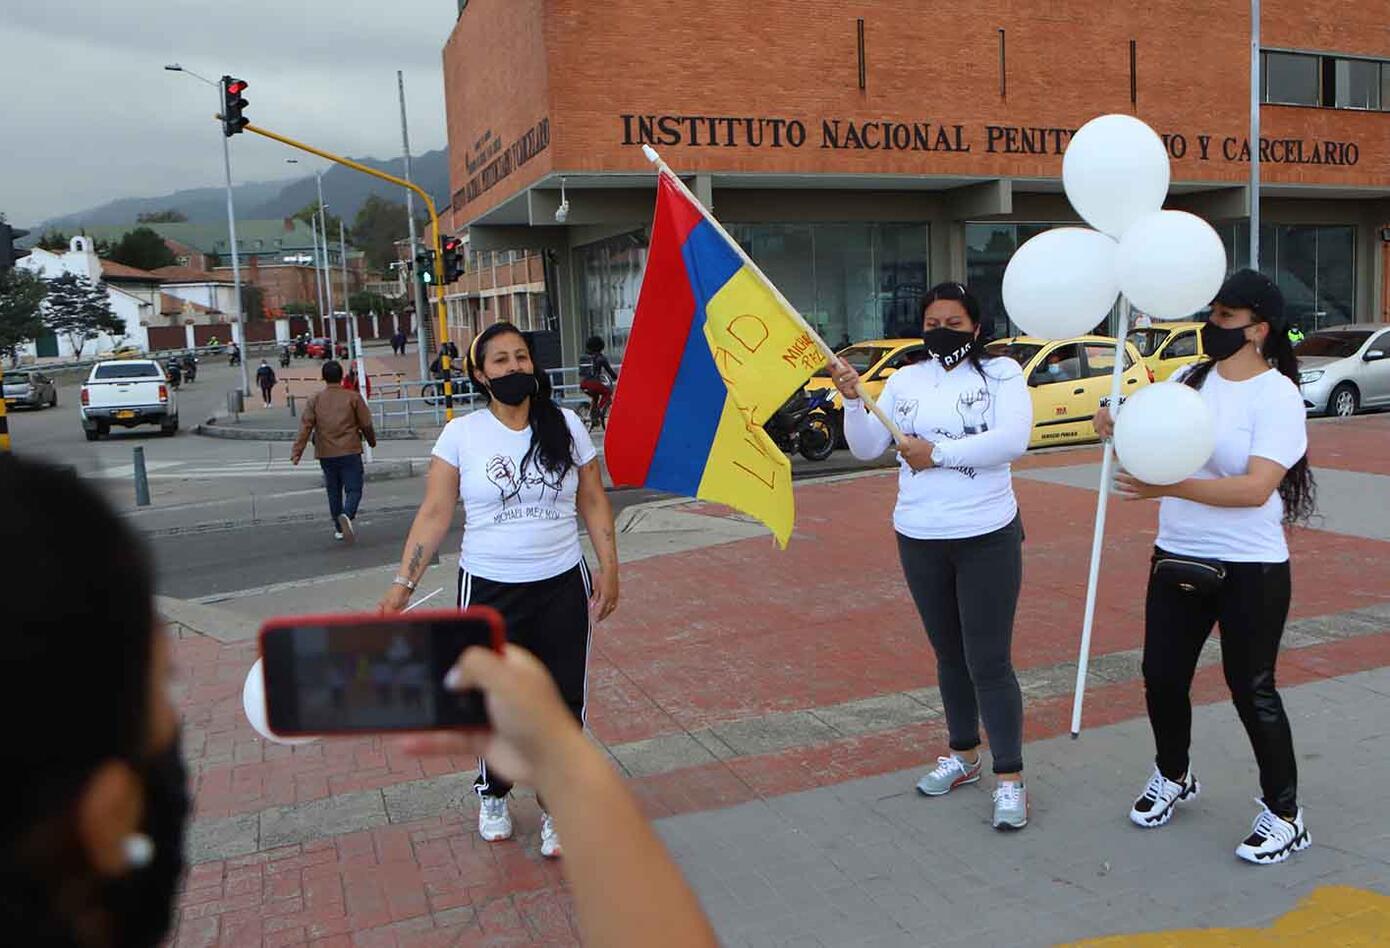 Familiares de presos protestan en Inpec para que se reactiven visitas